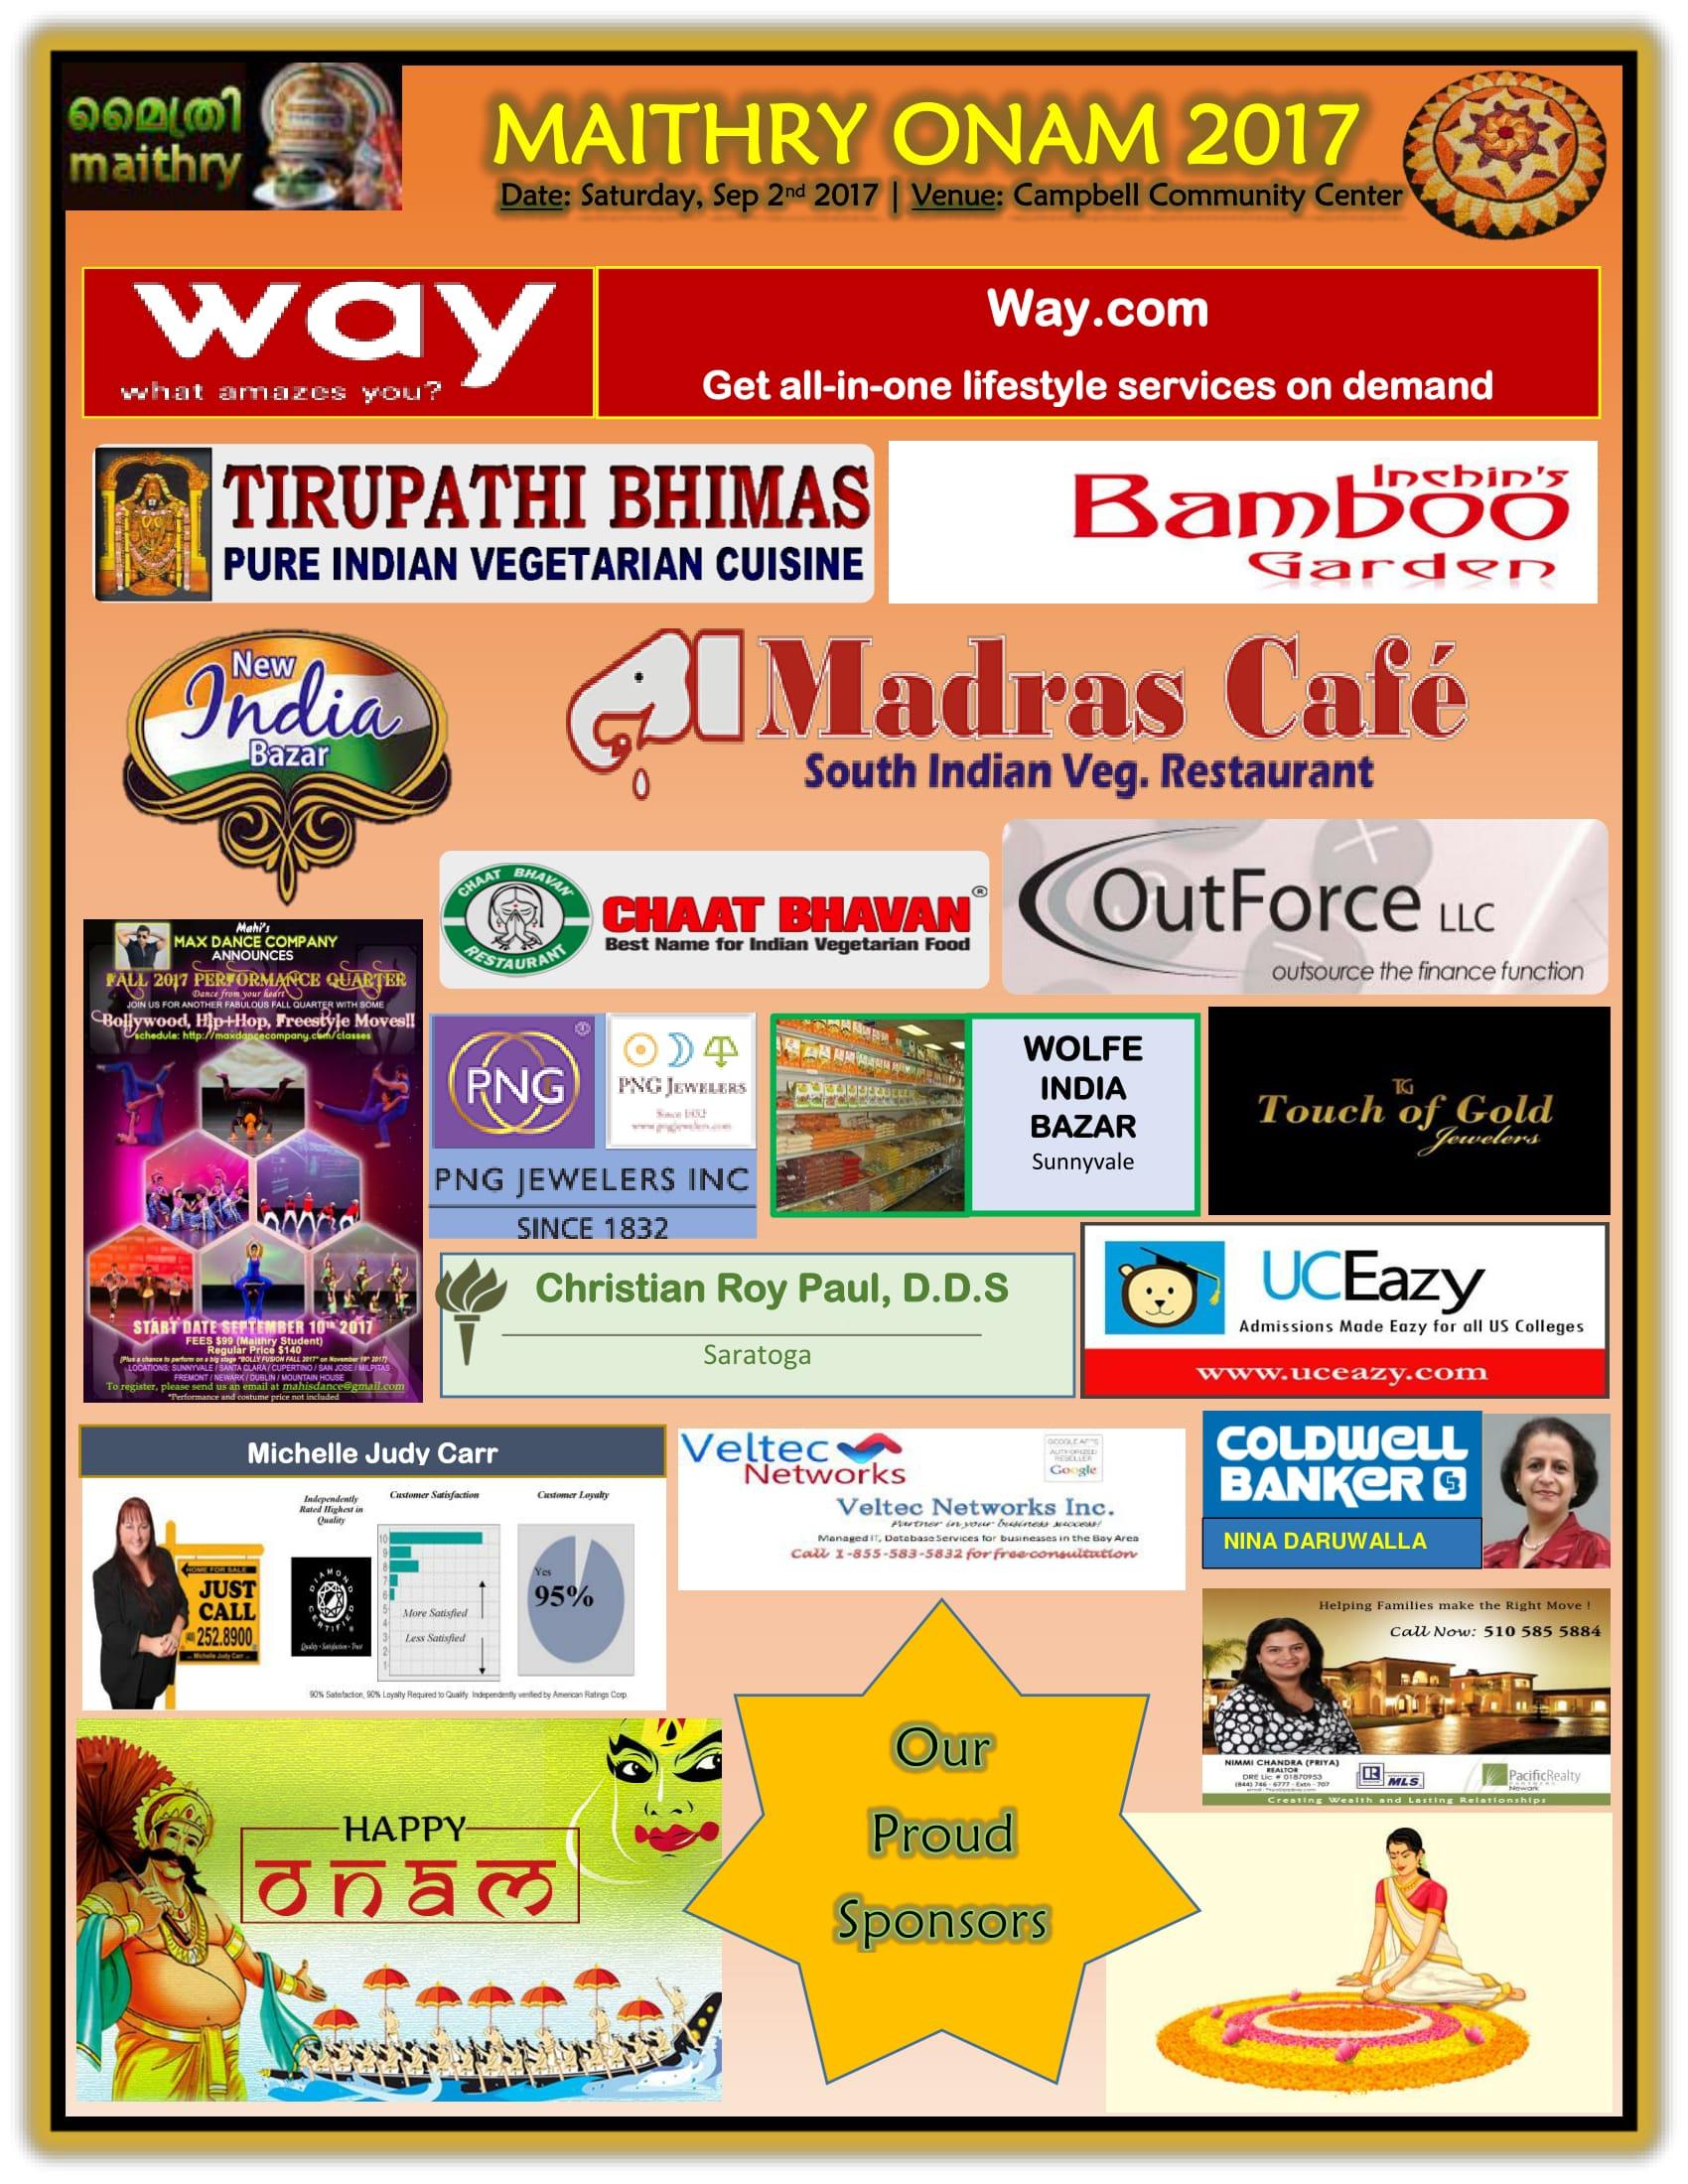 Maithry Onam 2017 Sponsors